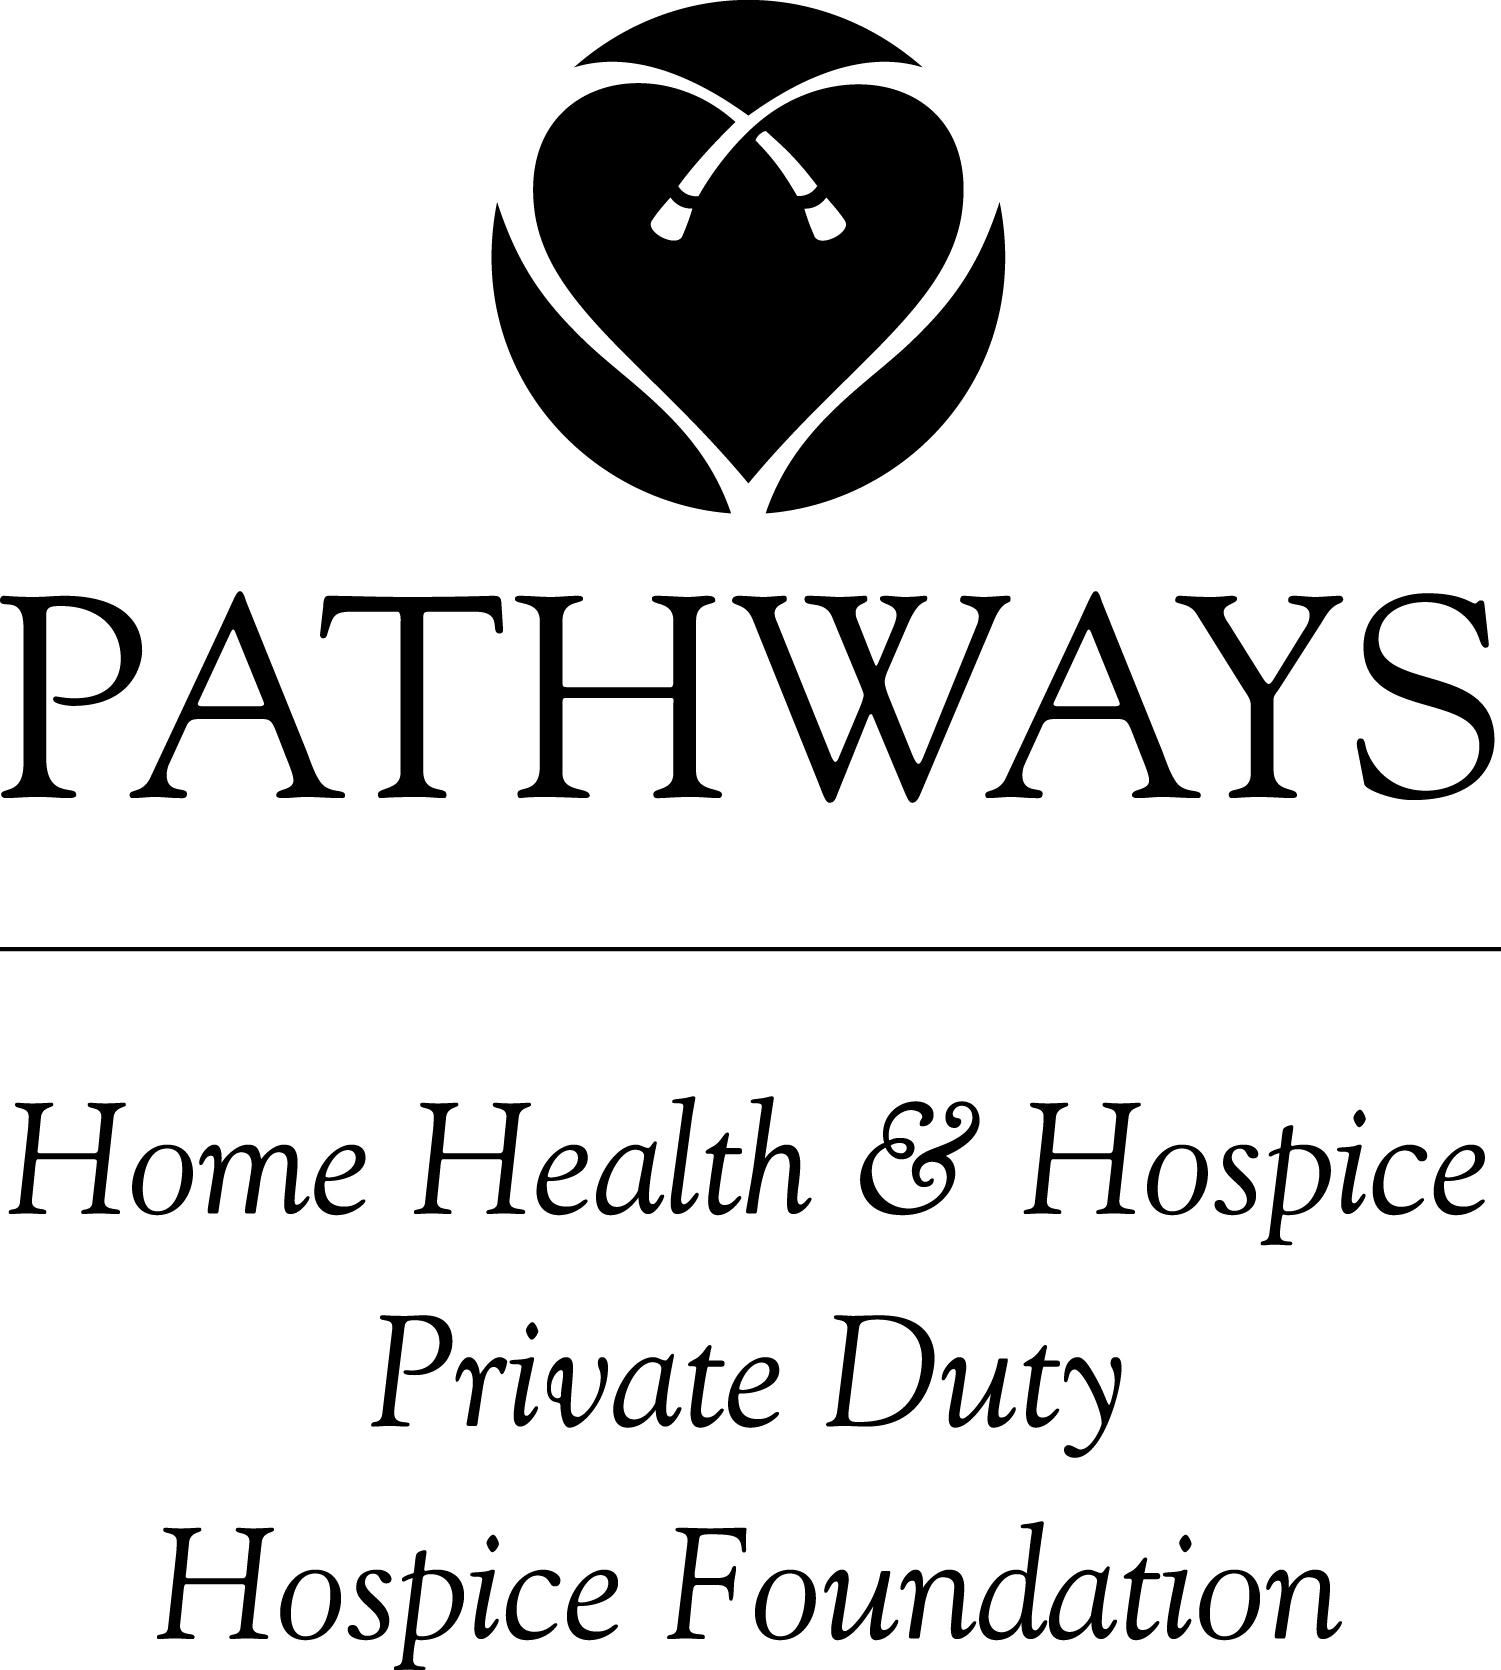 Jon Katz Featured Speaker at Pathways Hospice 22nd Annual